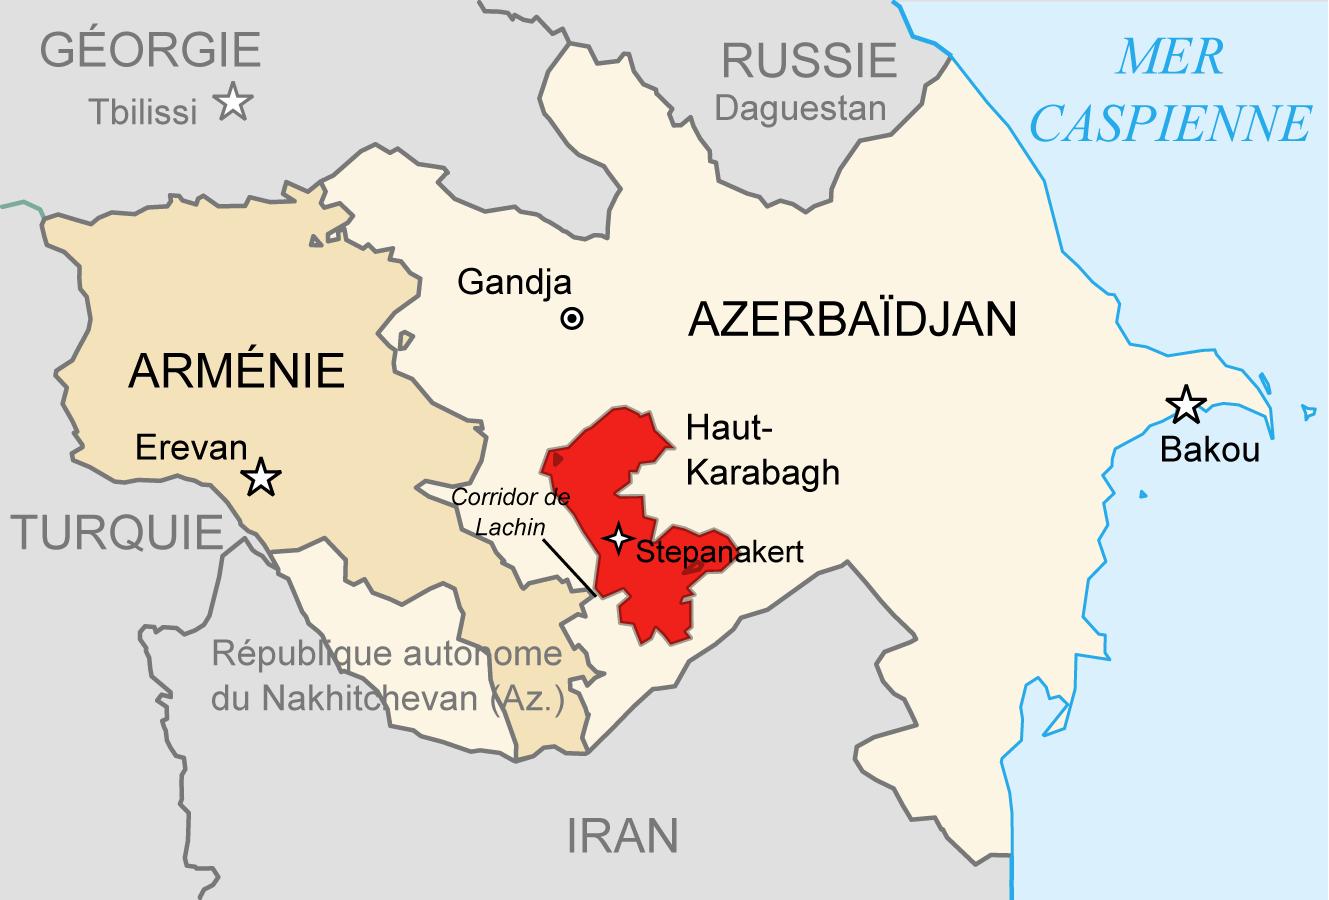 Note d'actualité - Pierre-Emmanuel Thomann - Bilan géopolitique du conflit au Haut-Karabagh : le grand jeu des puissances